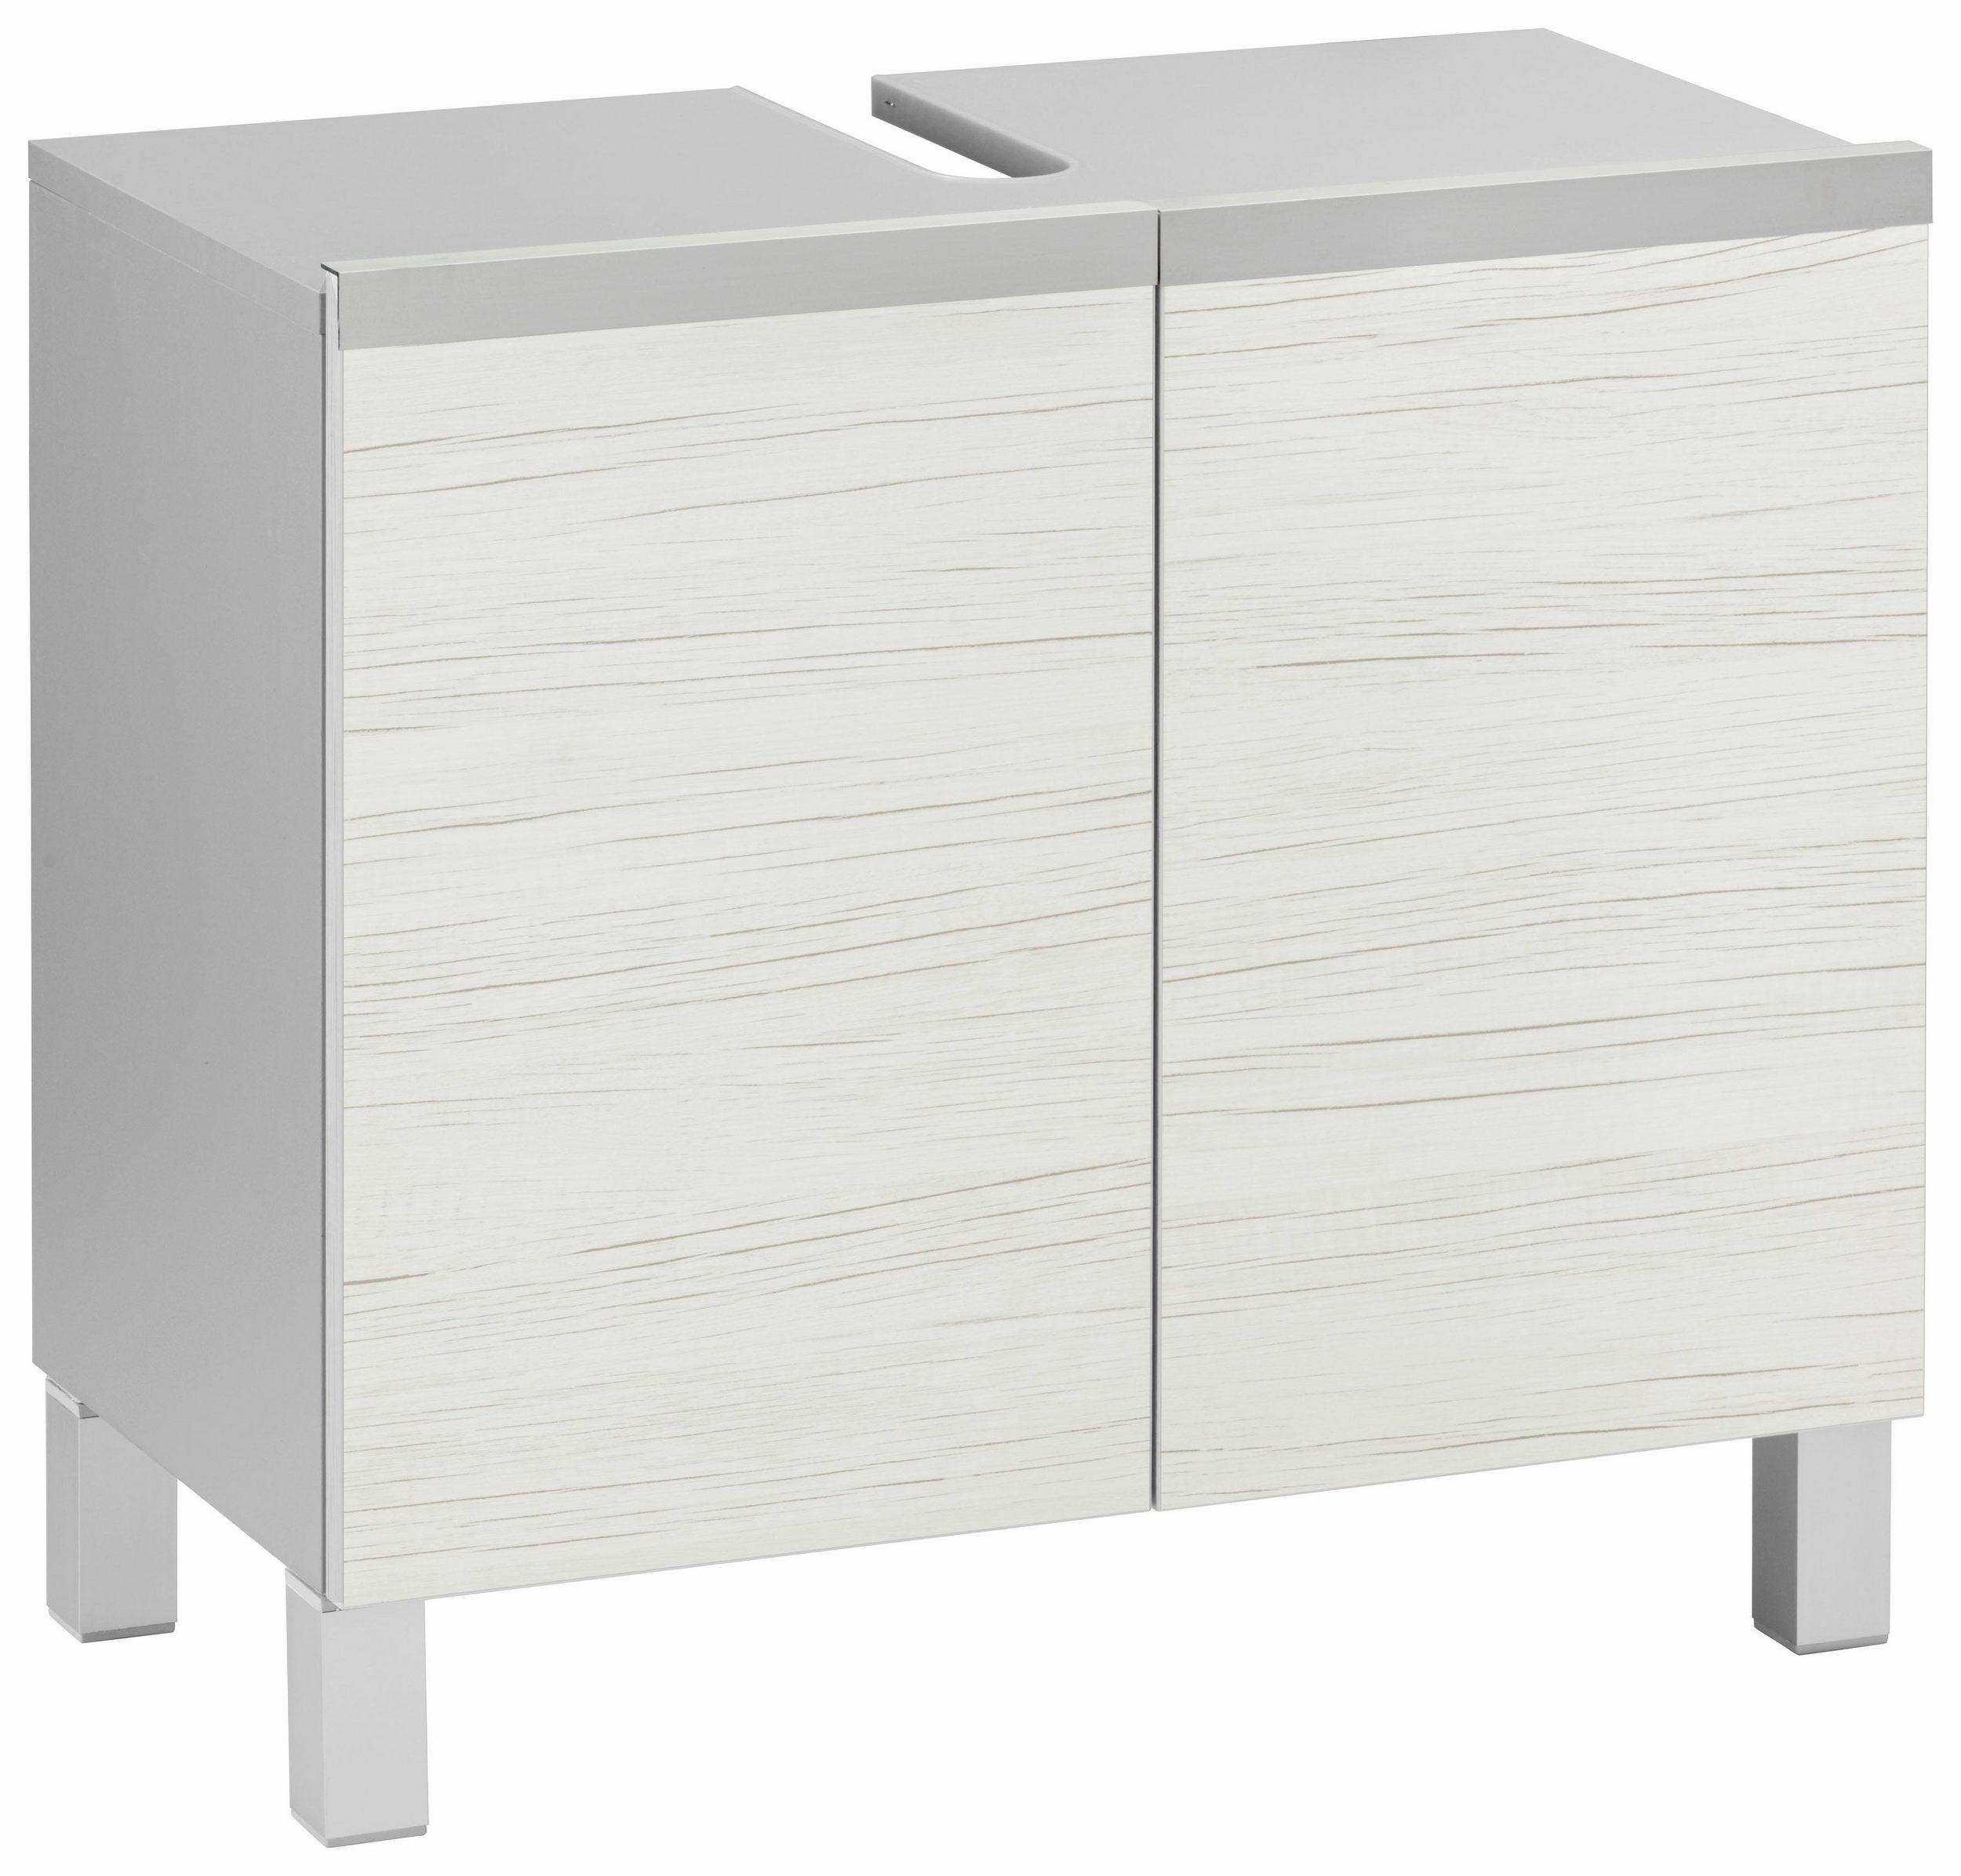 24 sparen schildmeyer waschbeckenunterschrank pesaro nur 89 99 cherry m bel otto. Black Bedroom Furniture Sets. Home Design Ideas